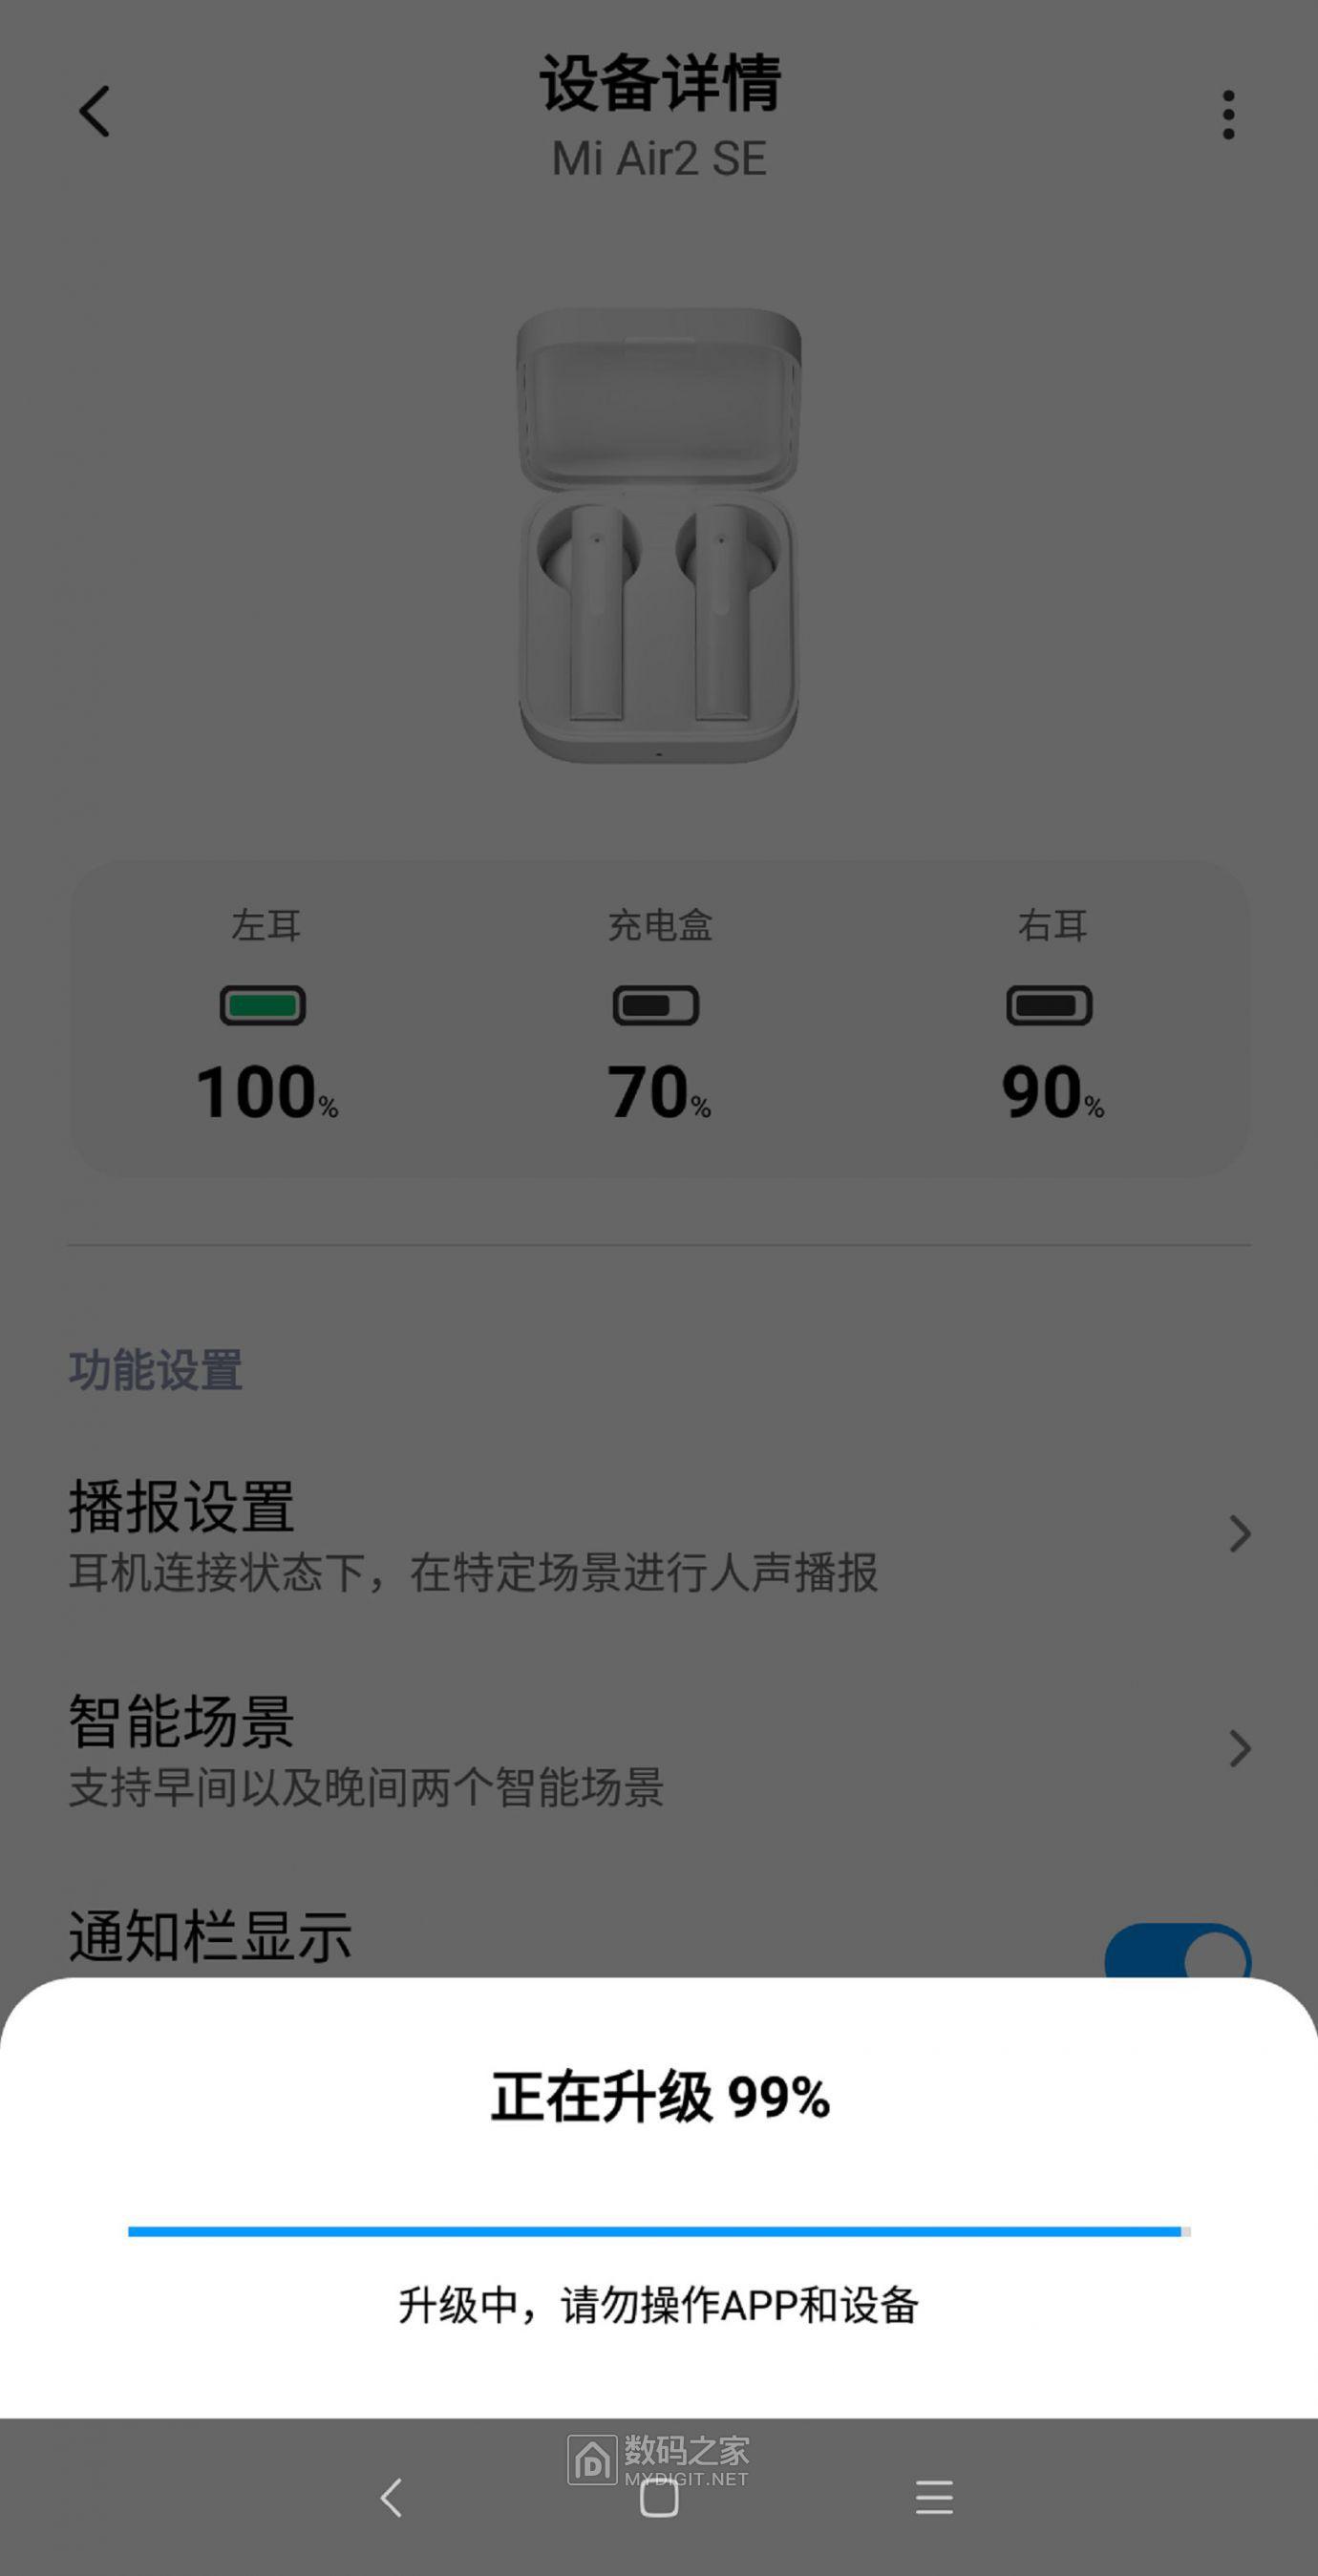 Screenshot_2021-04-16-20-17-02-325_com.xiaomi.xiaoailite.jpg